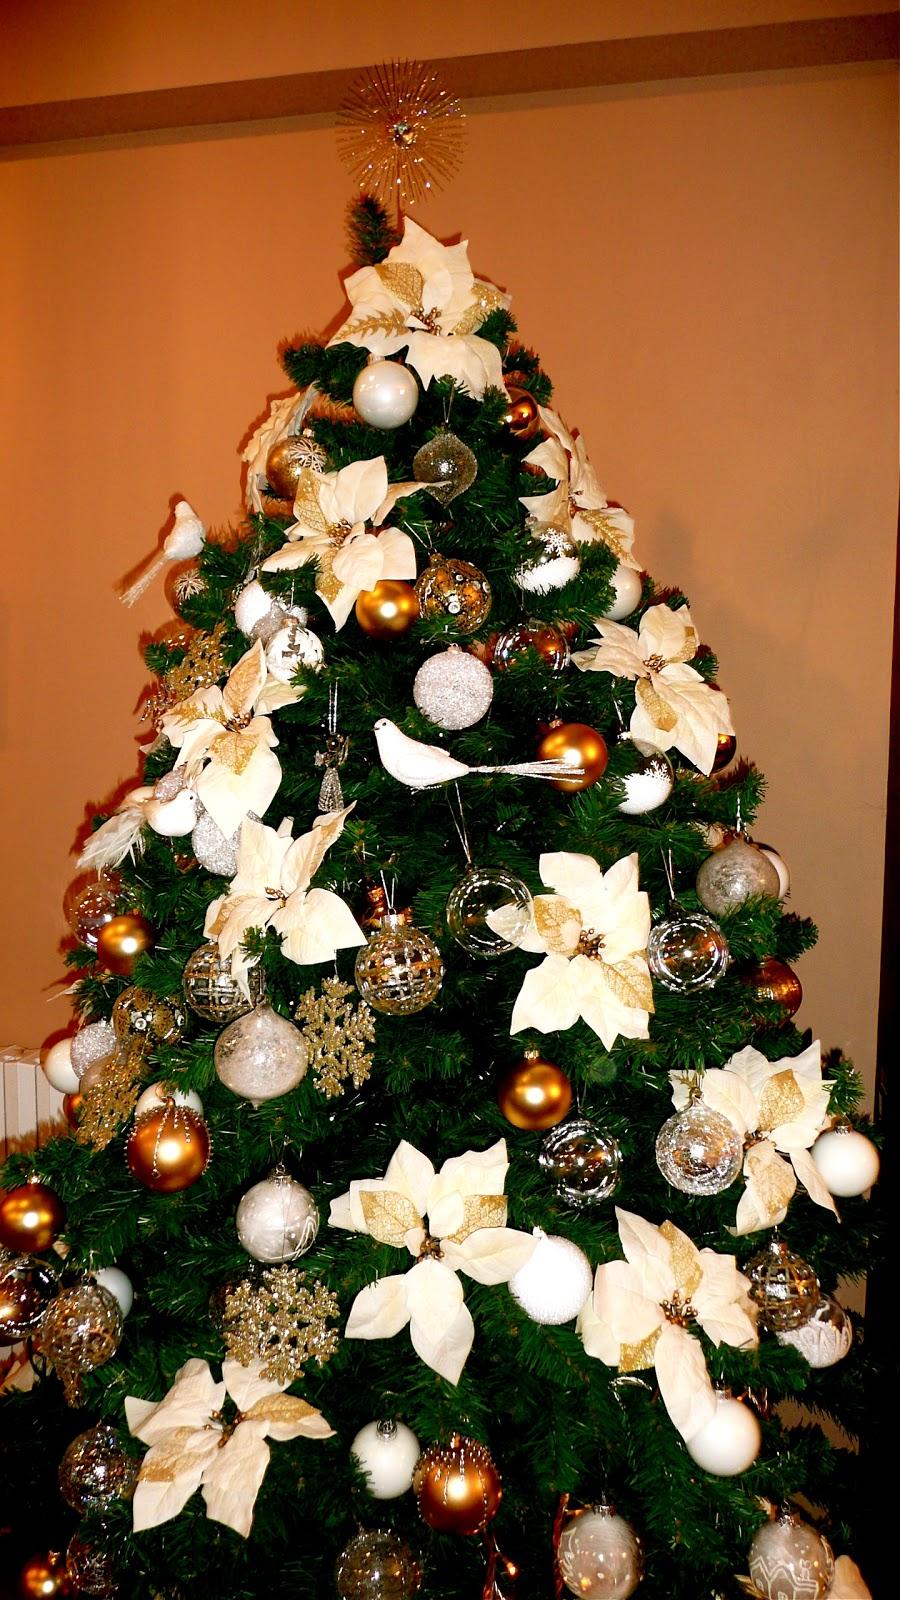 D corandluxe rbol de navidad en cristal y oro - Fotos arboles navidad decorados ...